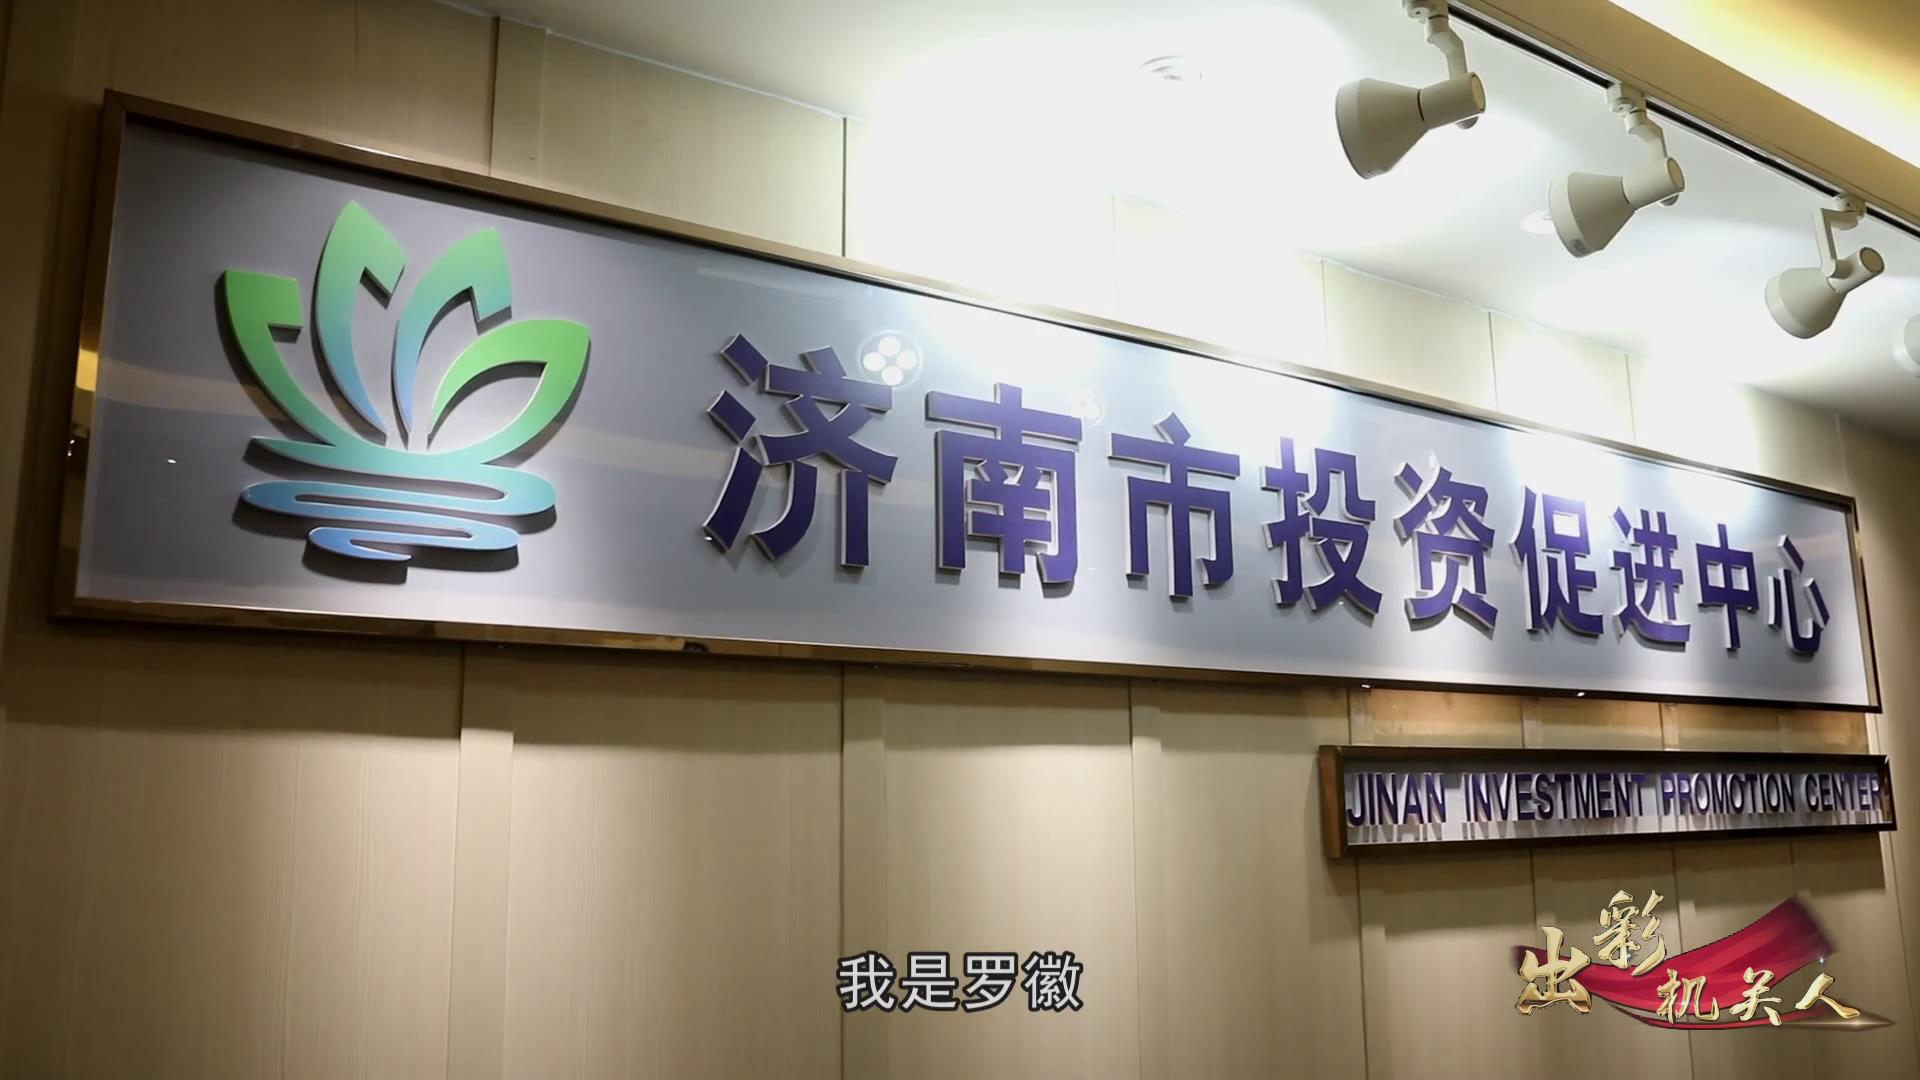 """出彩机关人丨罗徽:组建招商""""尖兵队"""" 筑得良巢引凤来"""